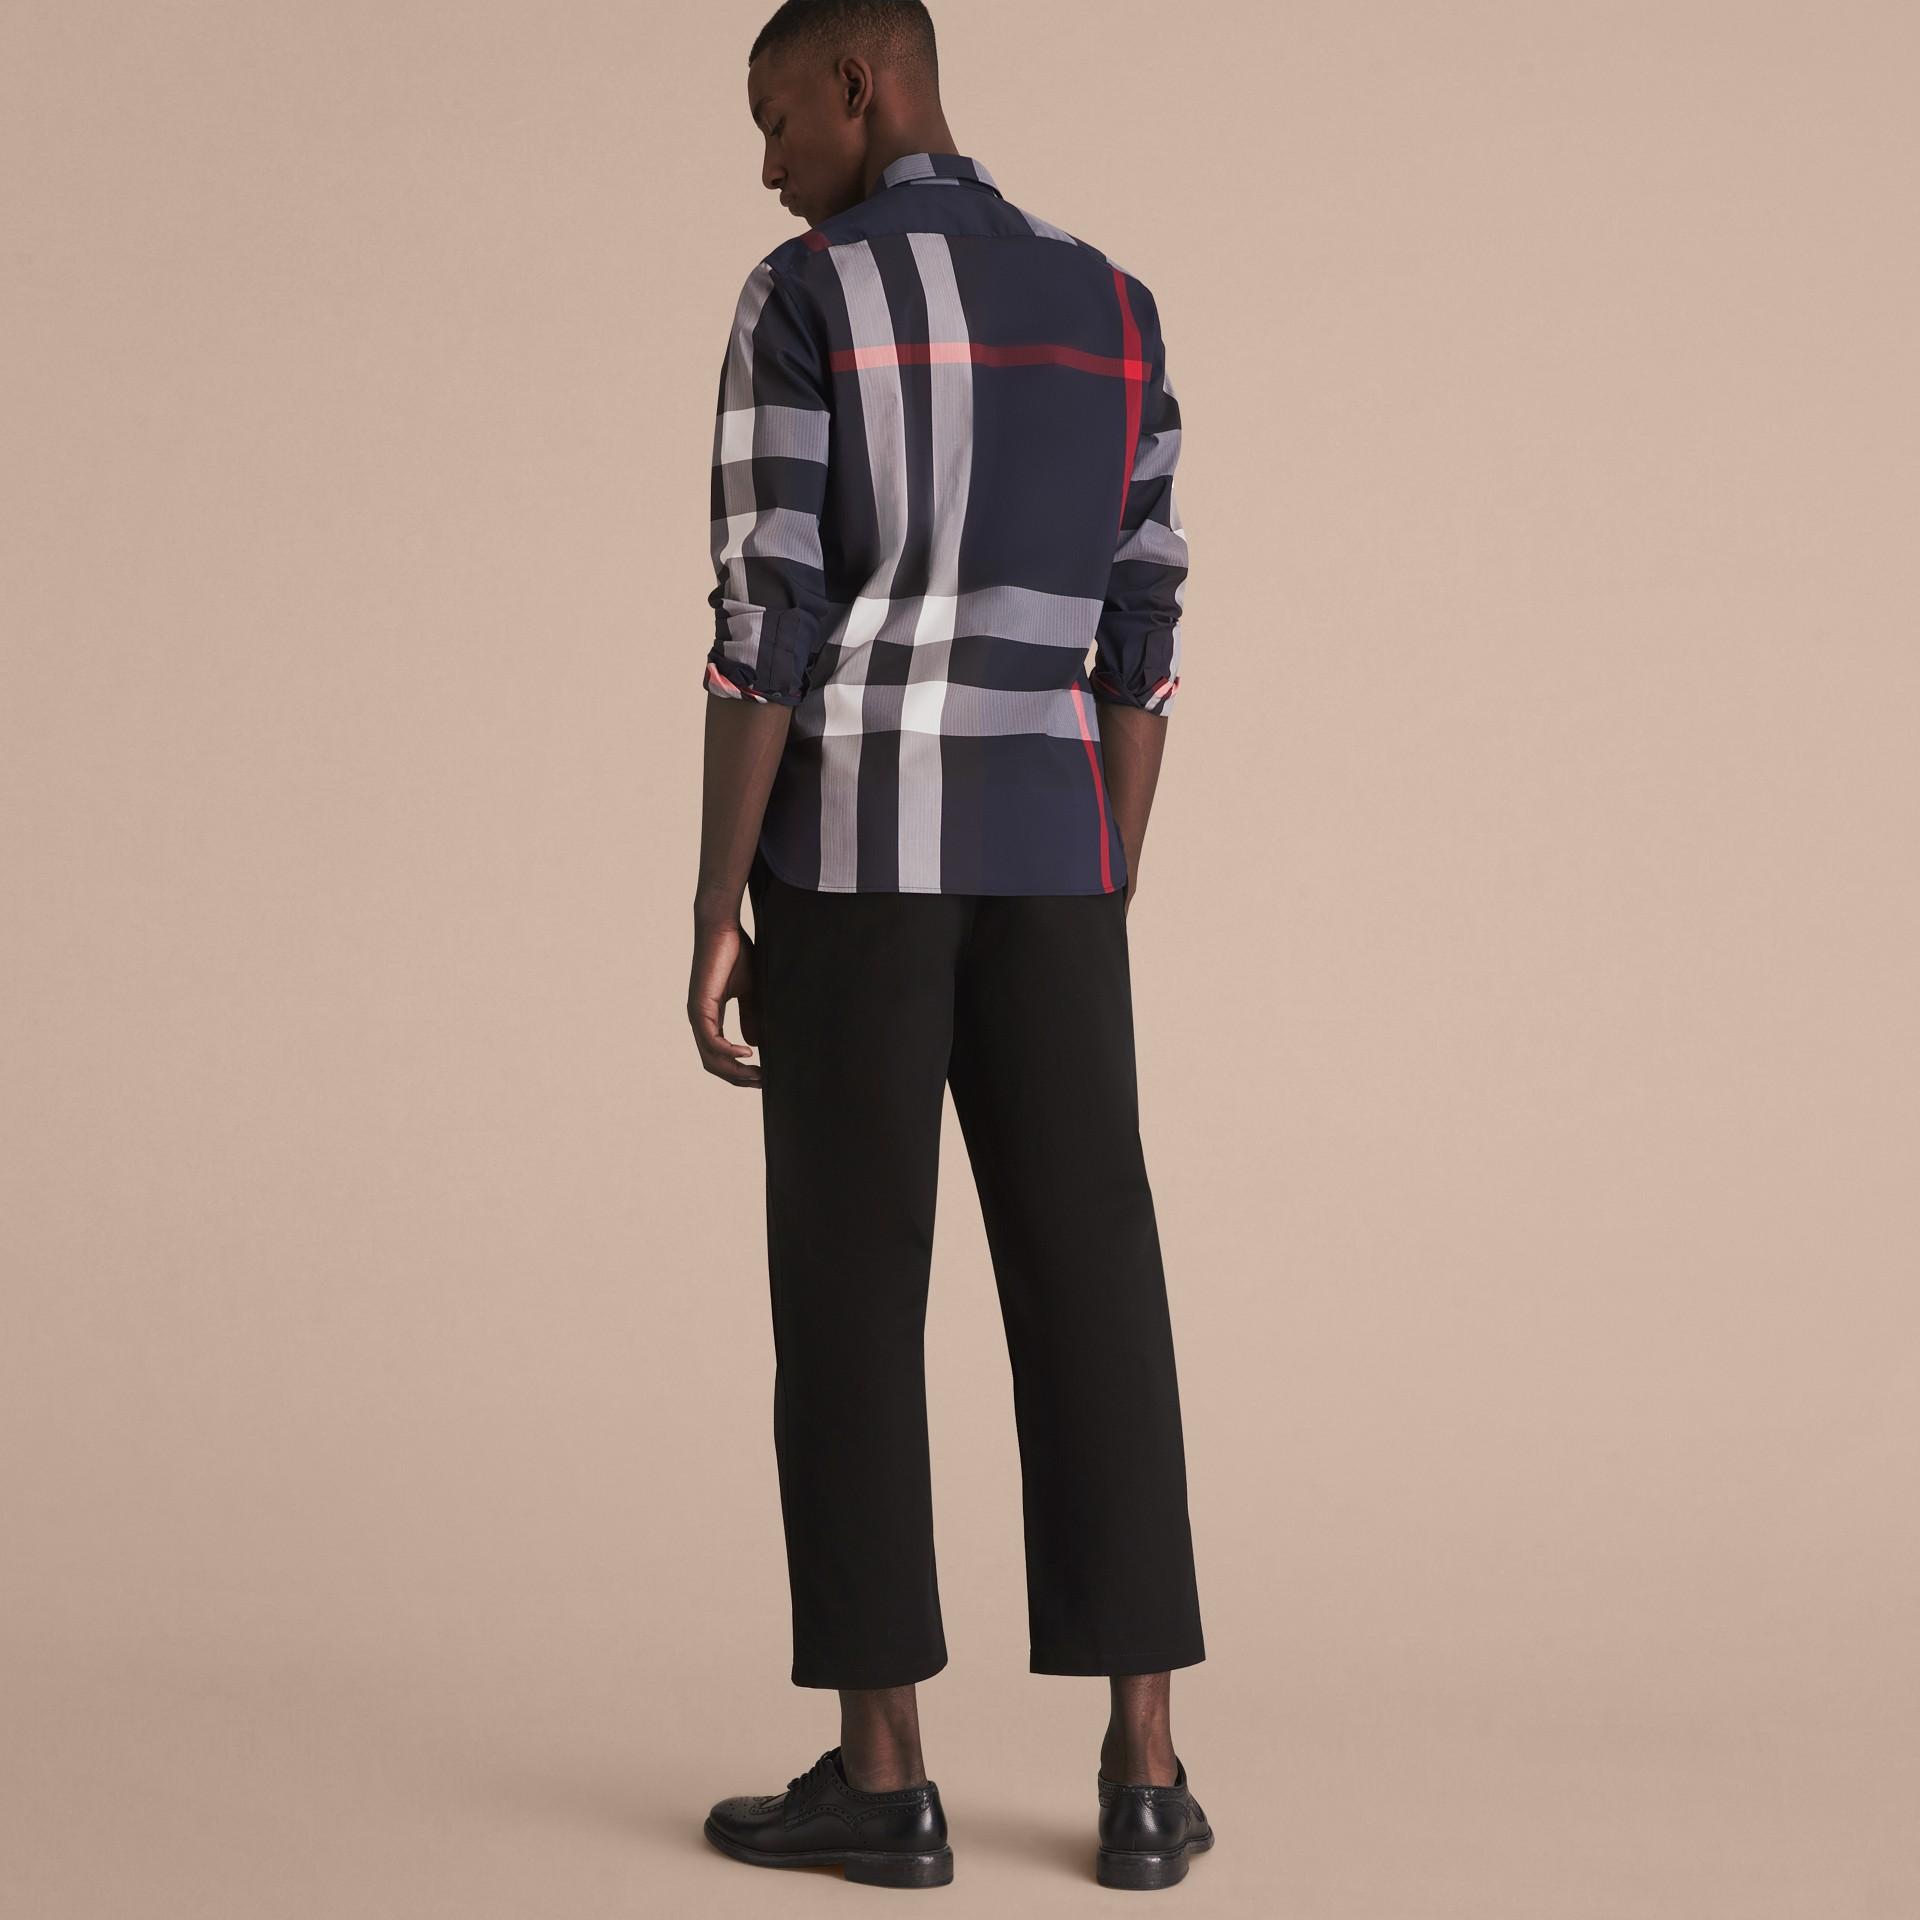 Hemd aus einer Stretchbaumwollmischung im Karodesign mit Button-down-Kragen (Marineblau) - Herren | Burberry - Galerie-Bild 3